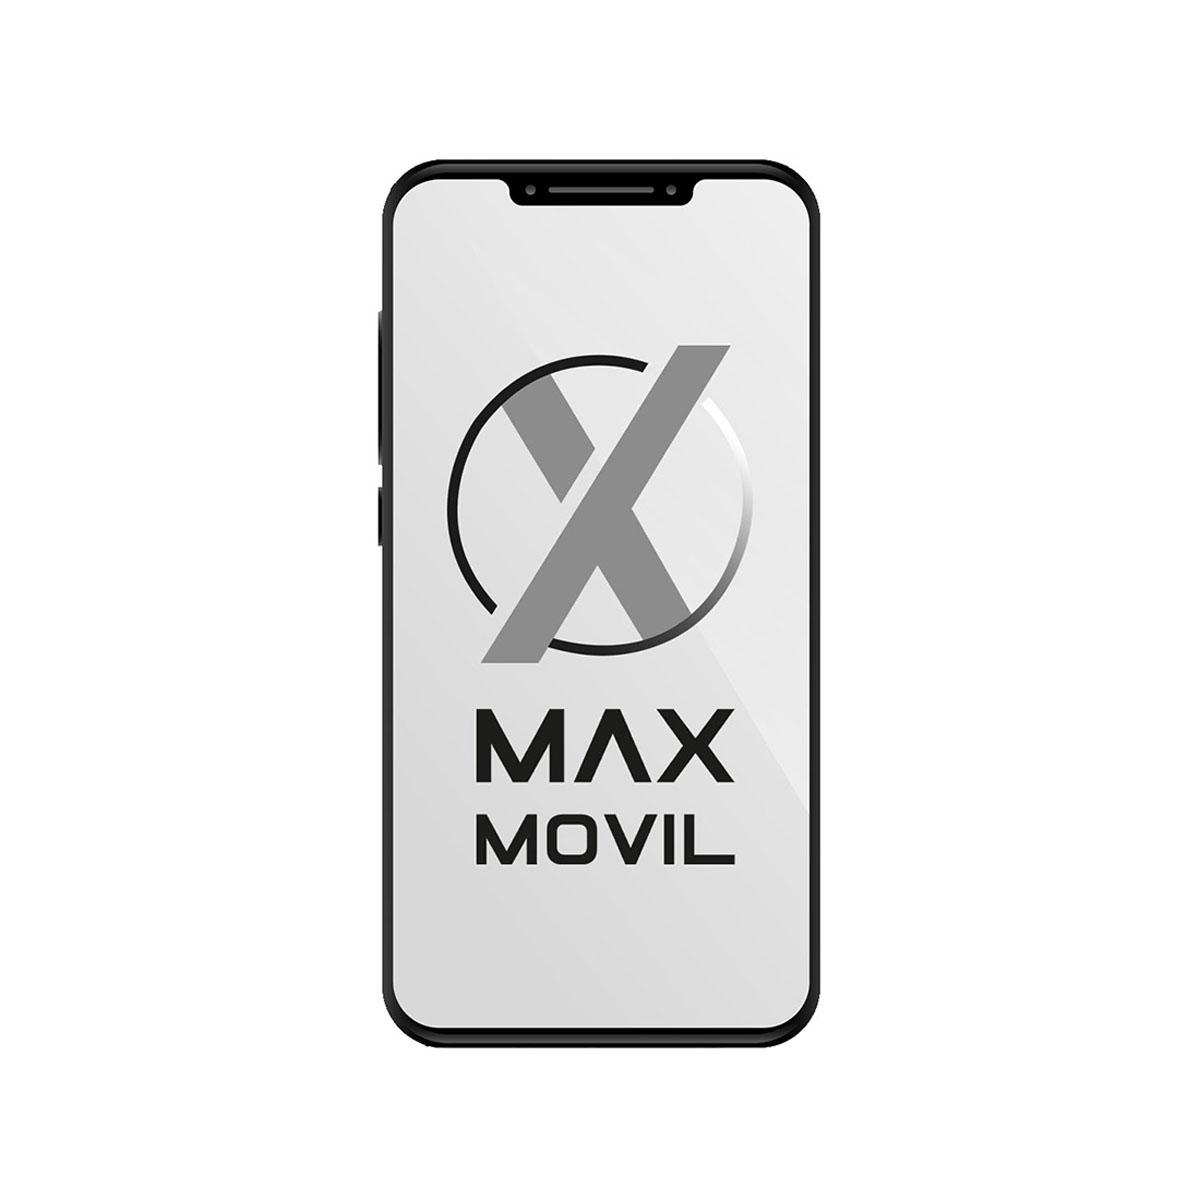 Apple iPhone X Reacondicionado 64GB Gris (Space Grey)